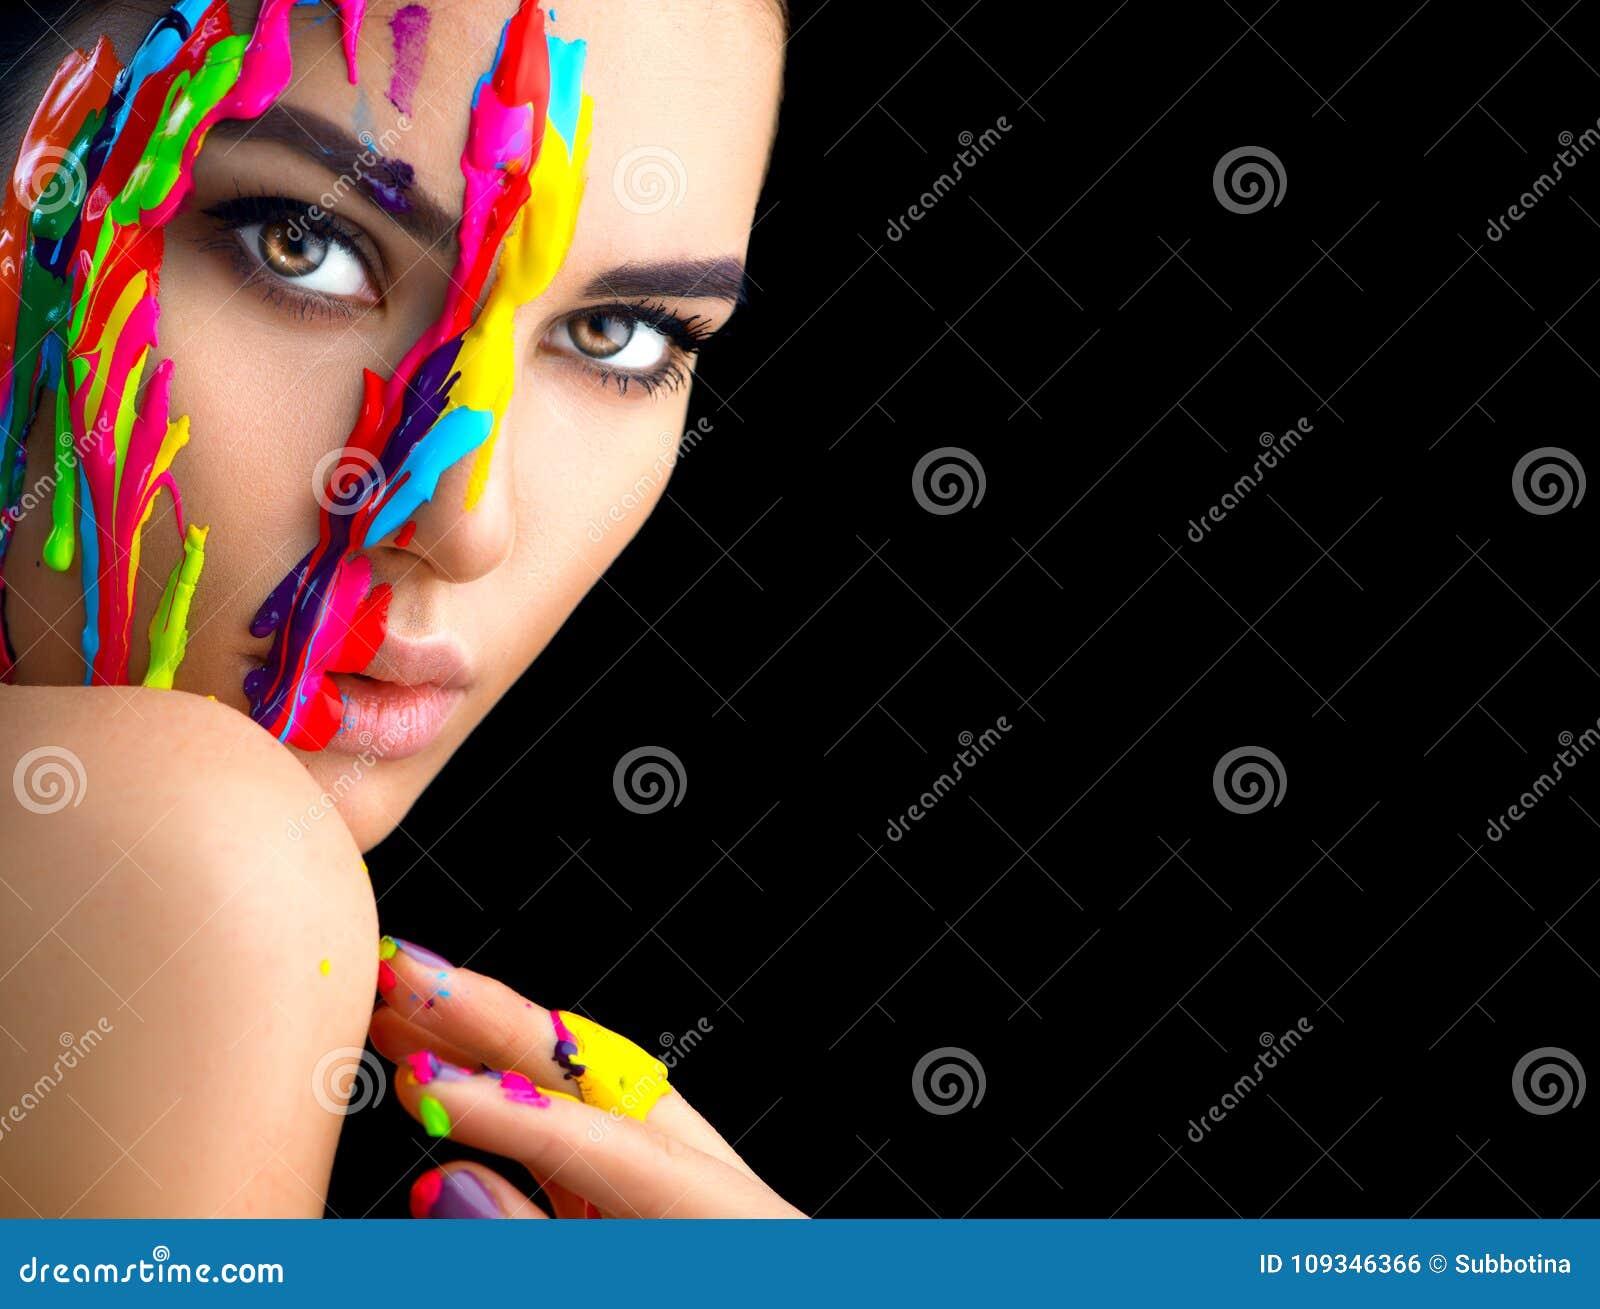 Πρότυπο κορίτσι ομορφιάς με το ζωηρόχρωμο χρώμα στο πρόσωπό της Πορτρέτο της όμορφης γυναίκας με το χρώμα ρέοντας υγρού